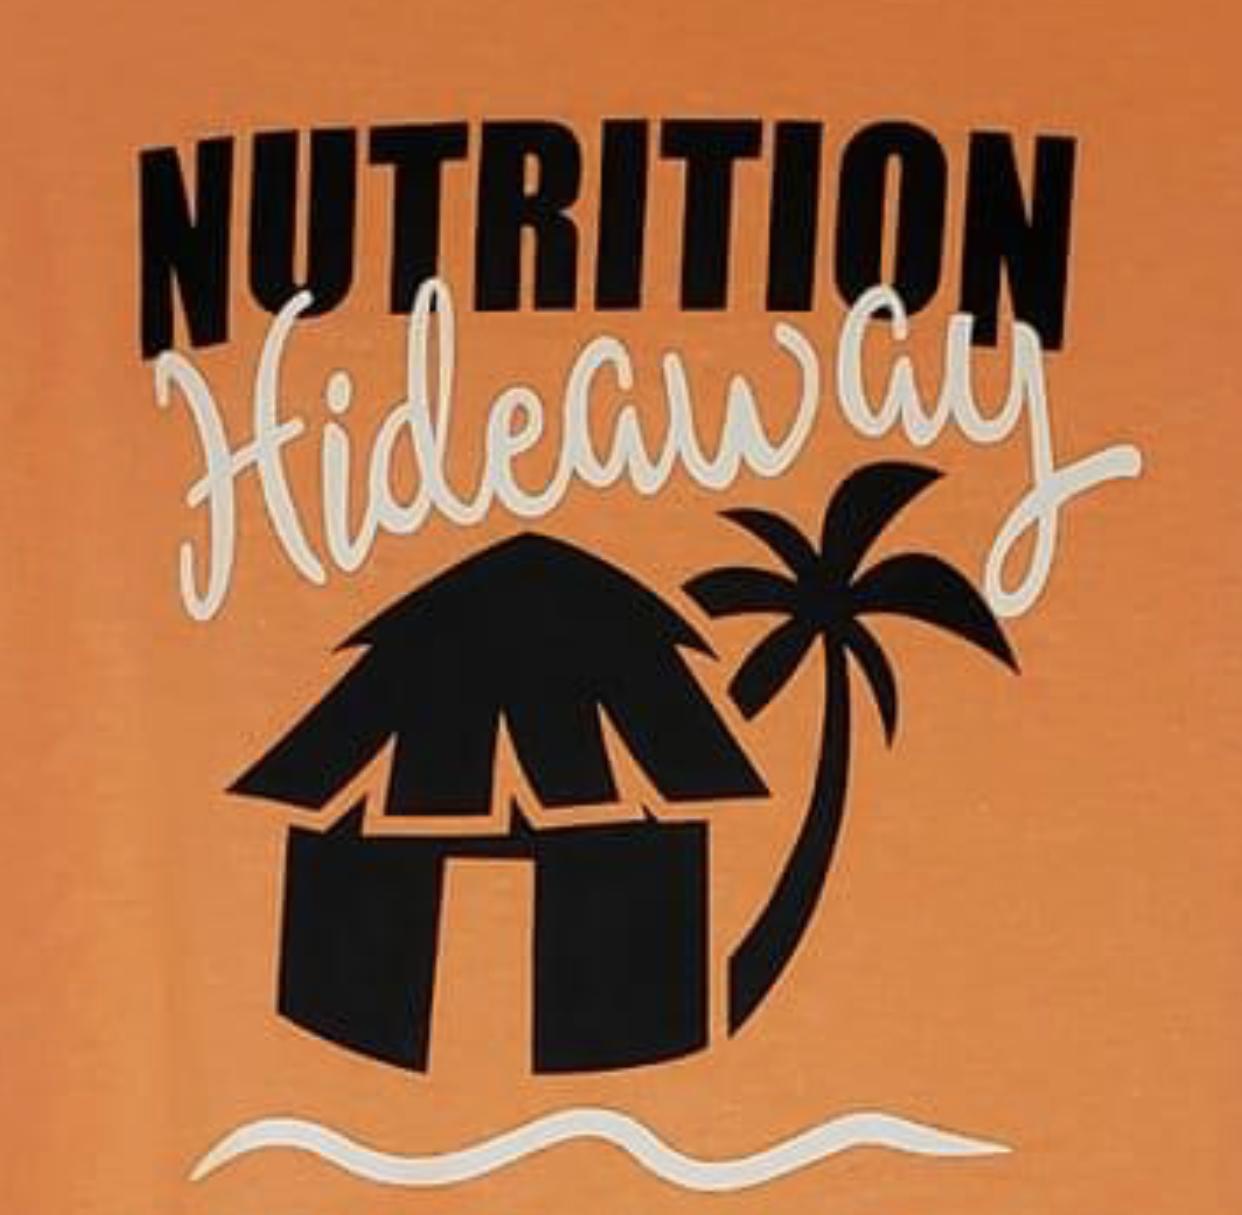 Nutrition Hideaway